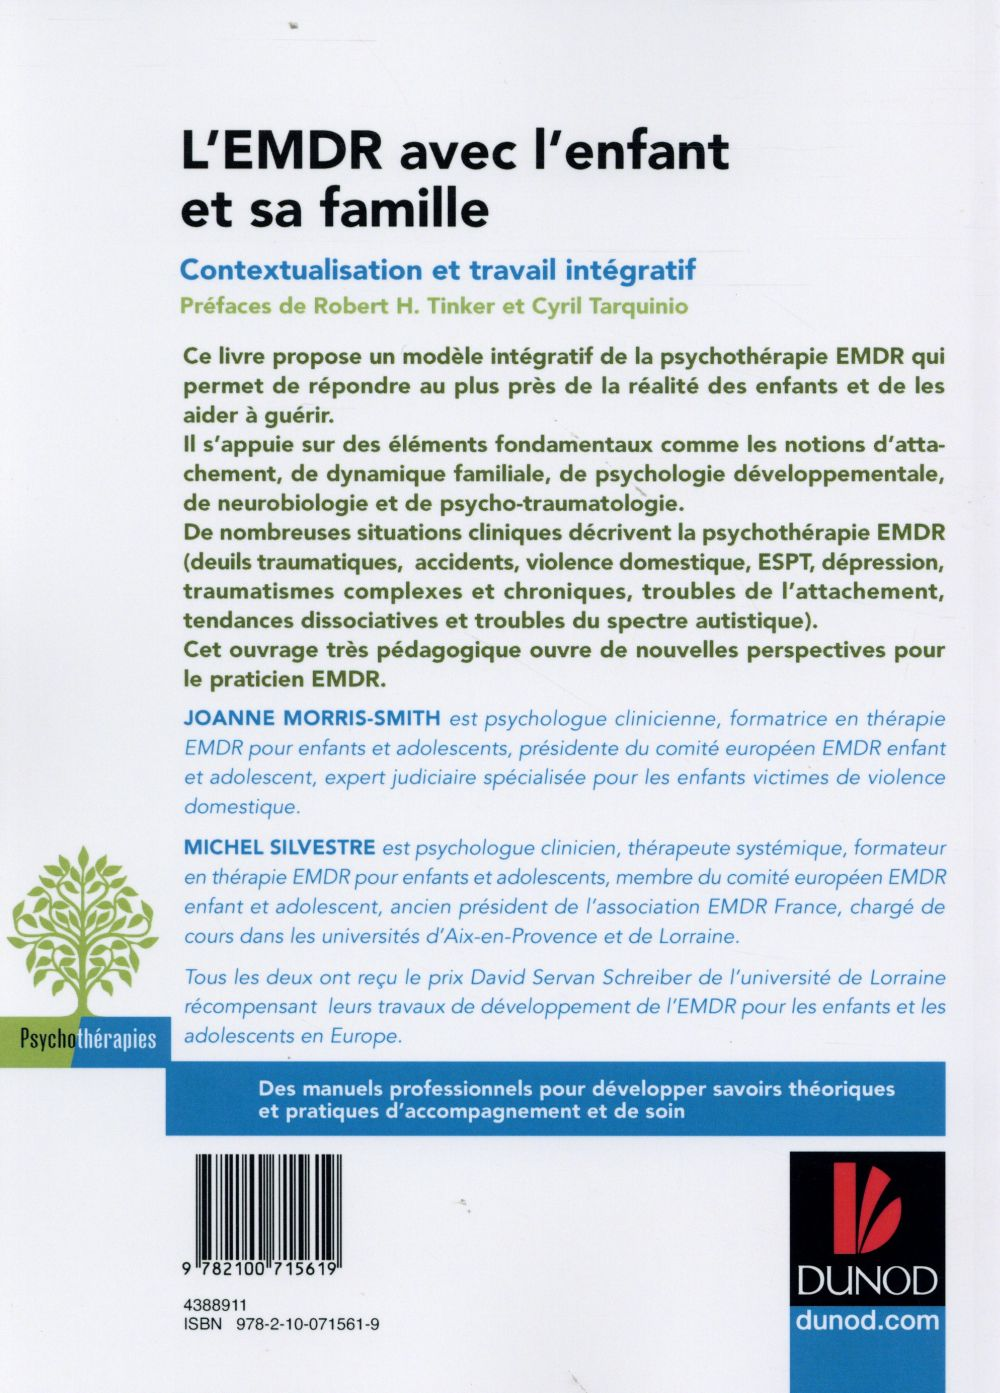 L'EMDR pour l'enfant traumatisé et sa famille